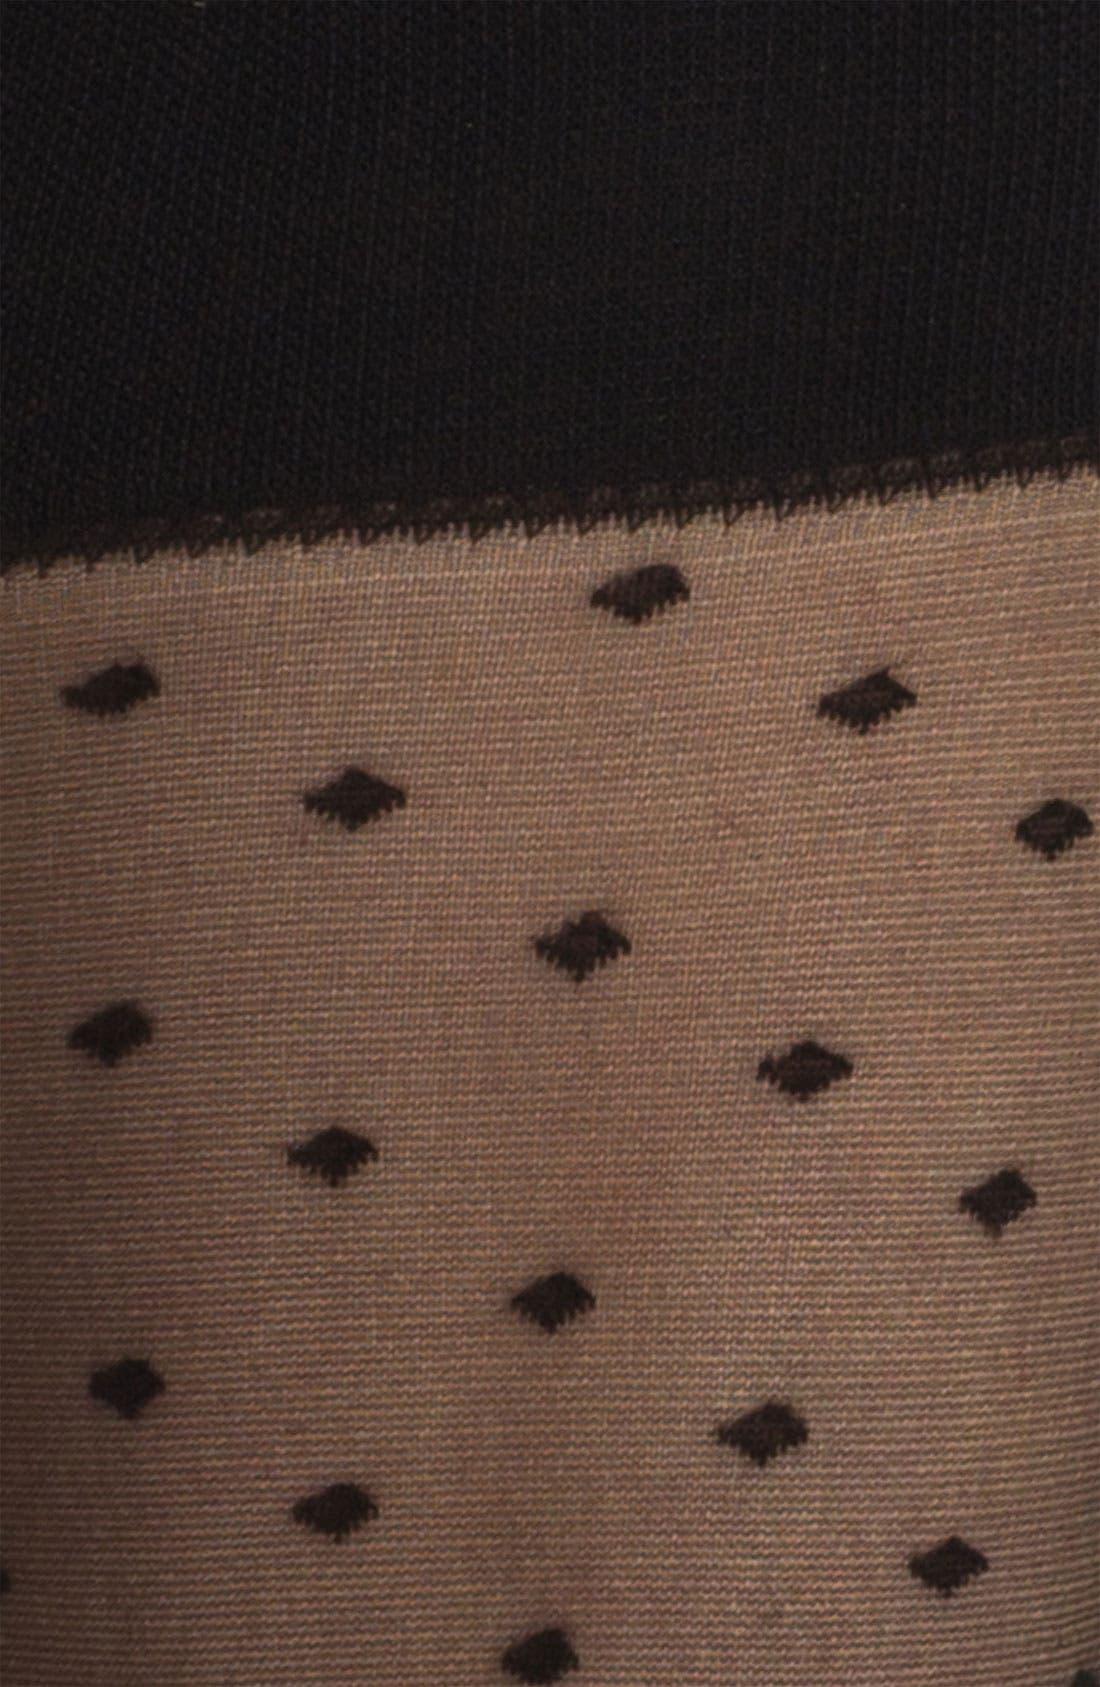 Alternate Image 2  - Nordstrom Sheer Dotted Trouser Socks (3 for $18)